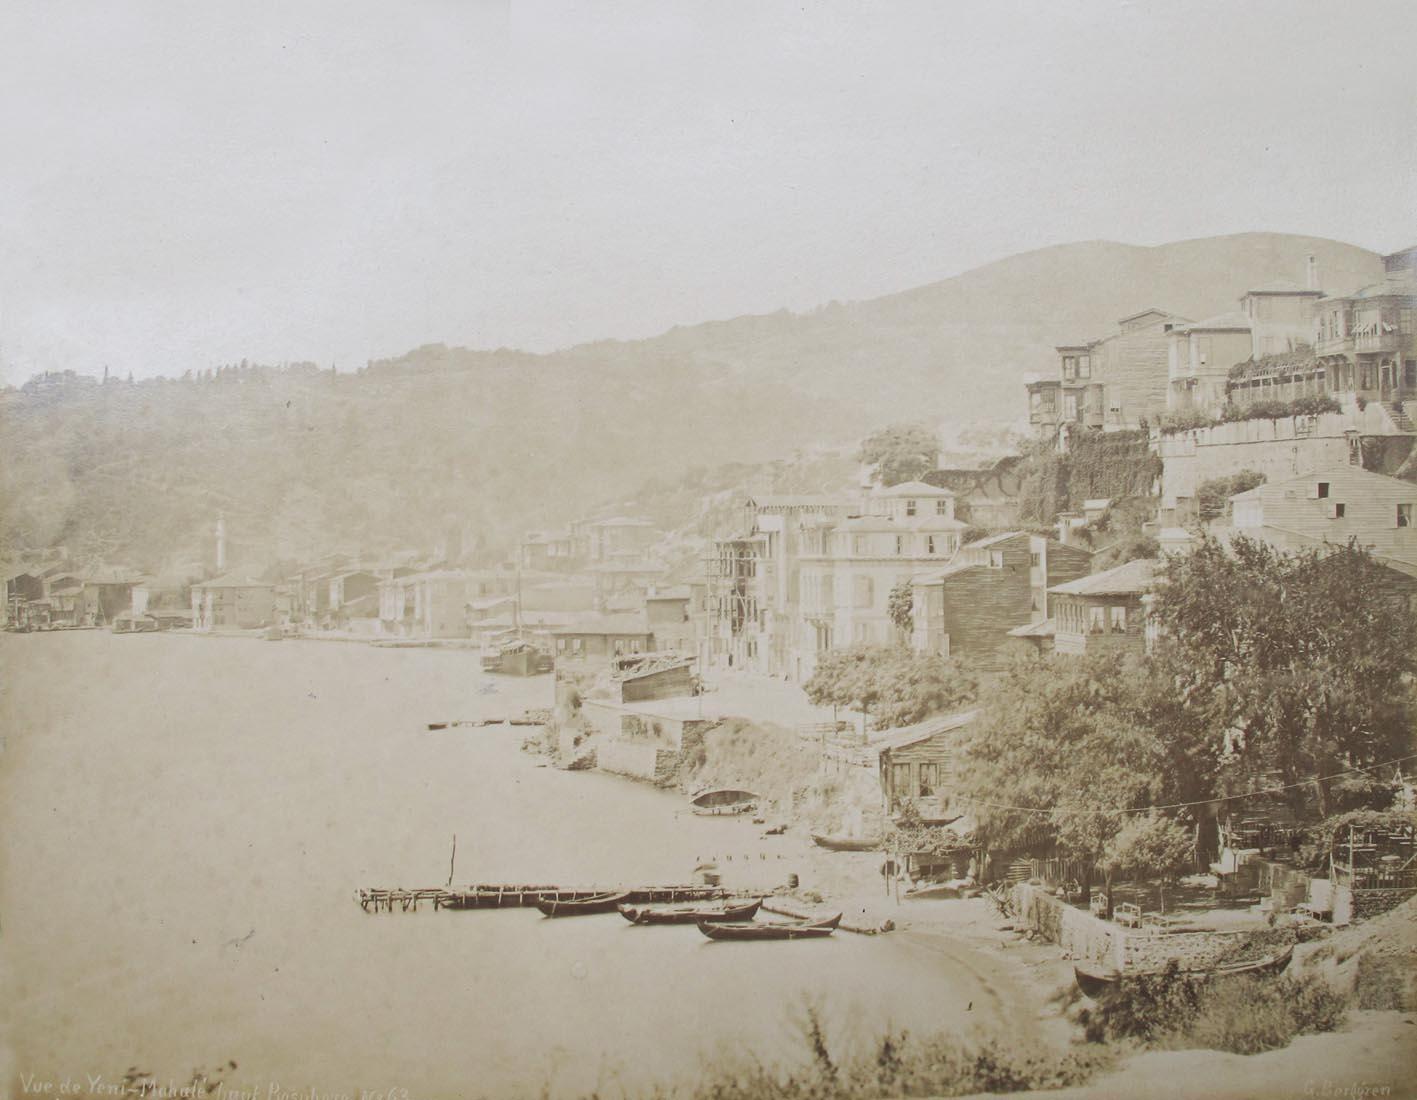 BERGGREN, G. - (Constantinople). Vue de Yeni-Mahalé haut Bosphore.